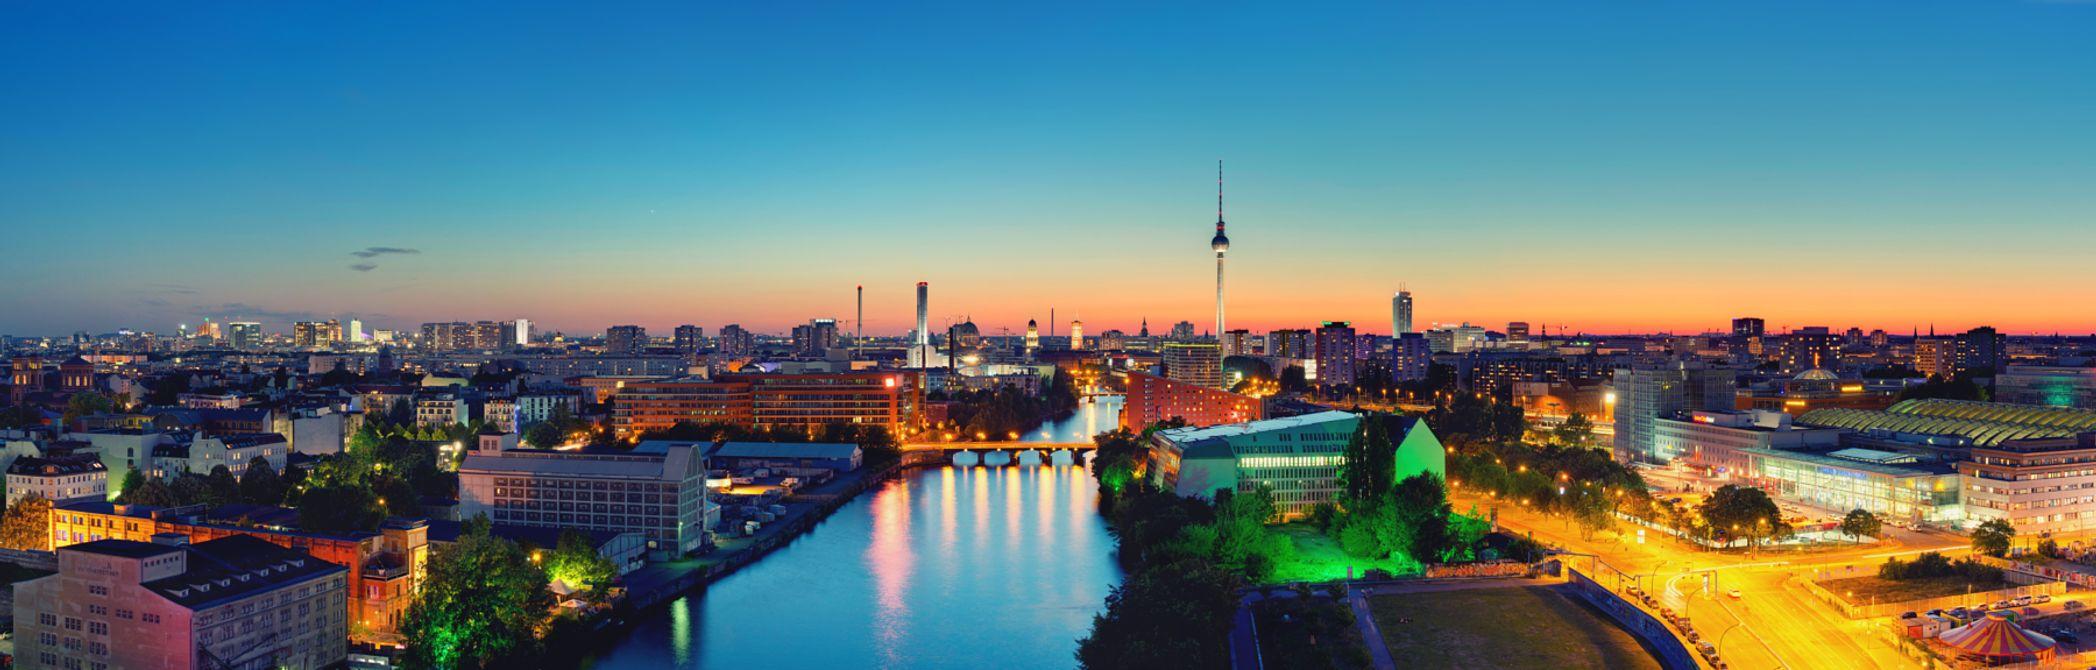 Günstige Flüge von München nach Berlin